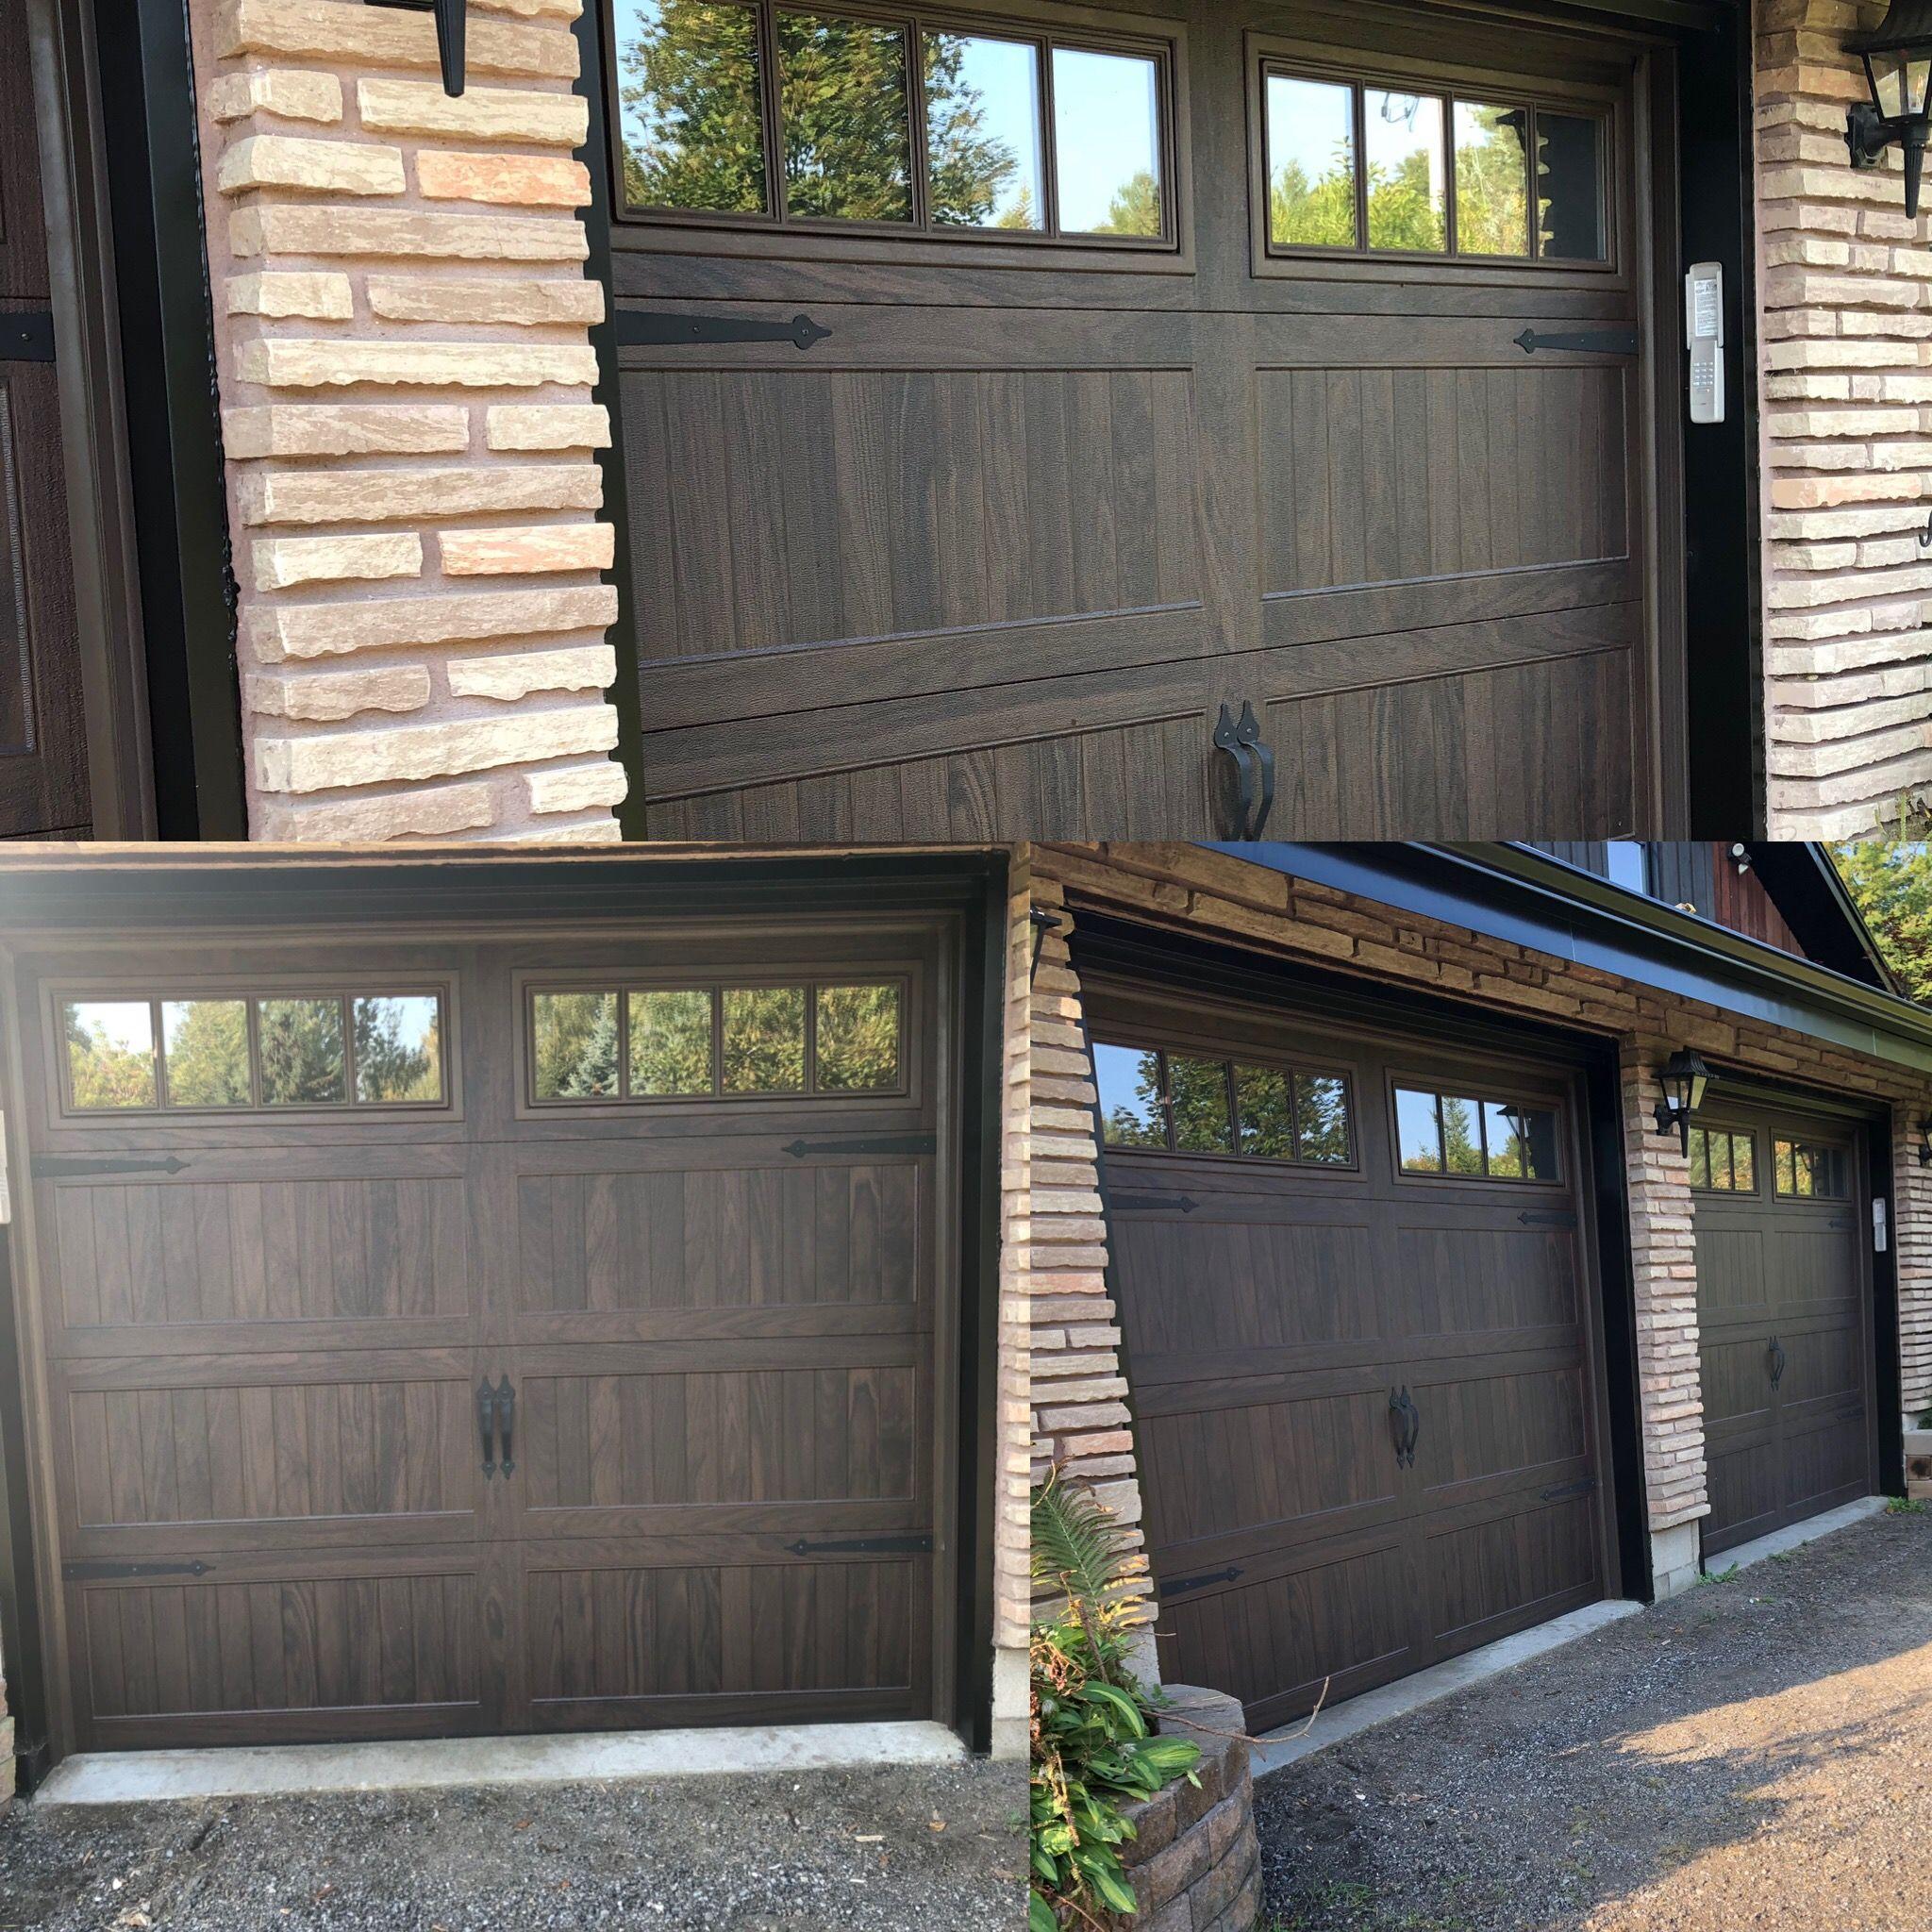 New Chi Walnut Garage Doors Garage Doors Garage Door Design House Paint Exterior